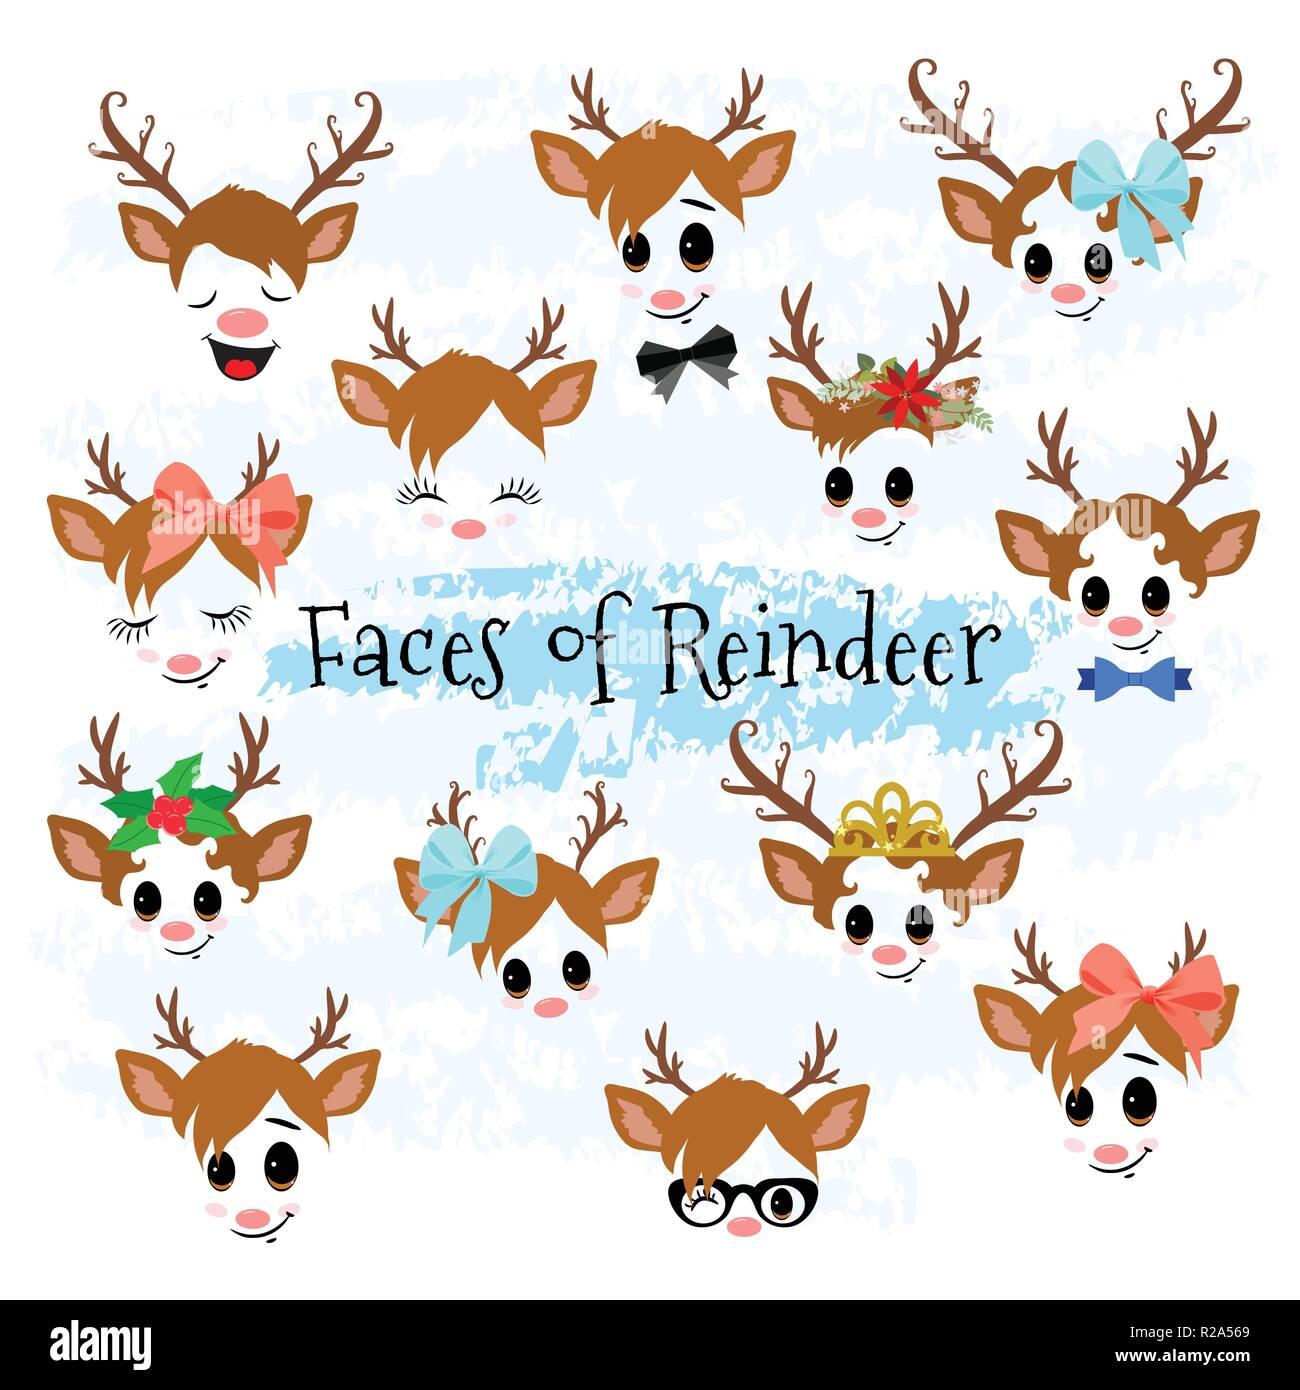 Weihnachtsdekor Rentier Gesichter Clipart Vektor Abbildung Bild